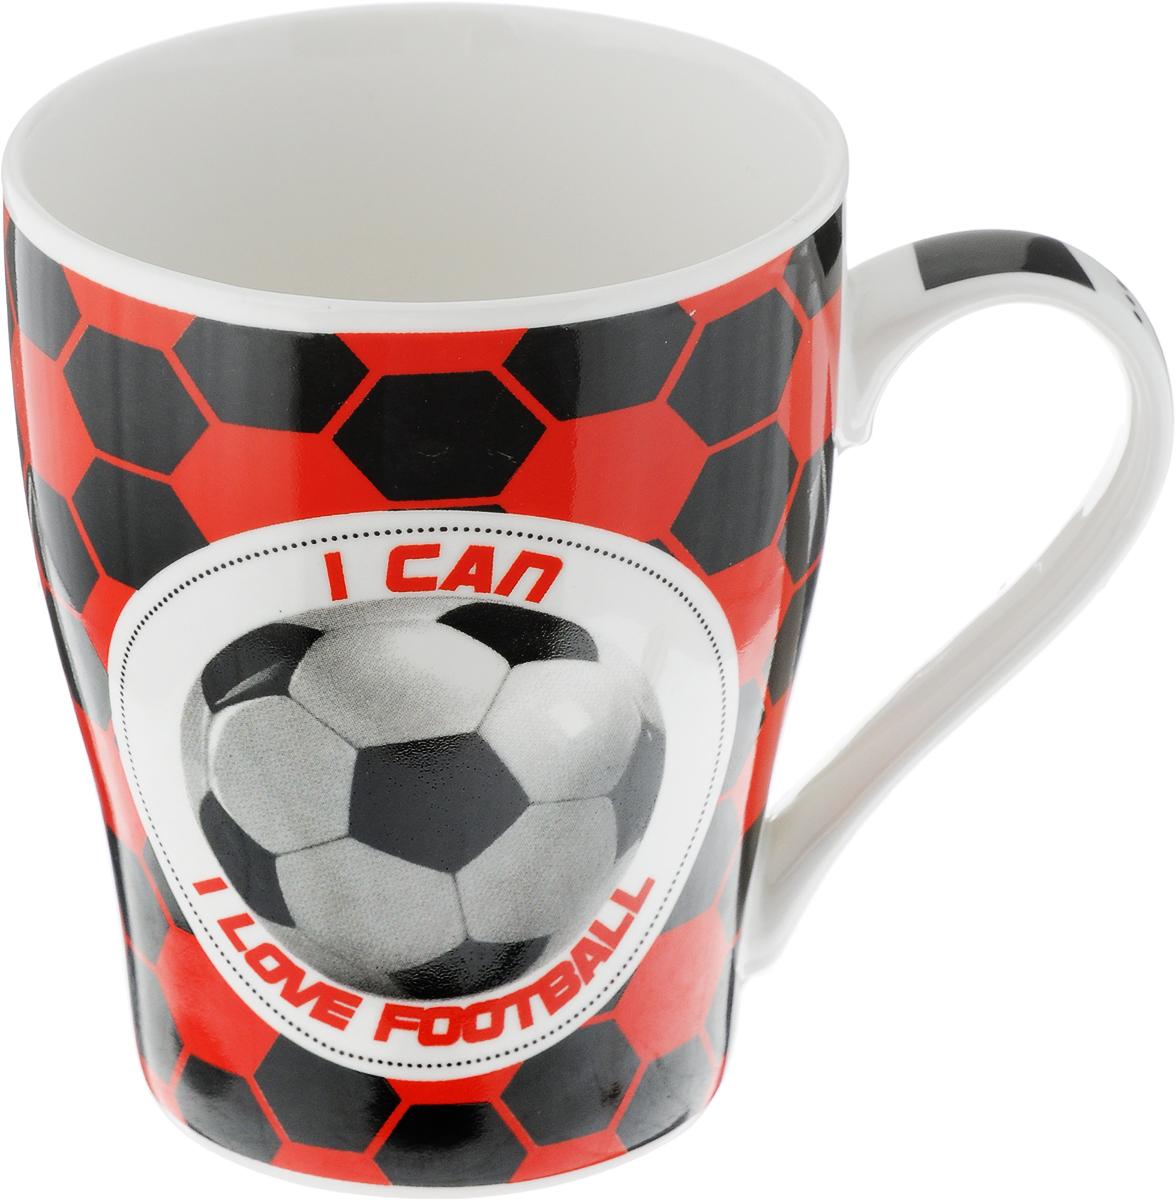 Кружка Loraine Футбол, цвет: белый, красный, черный, 340 мл кружка loraine футбол 340 мл 26652